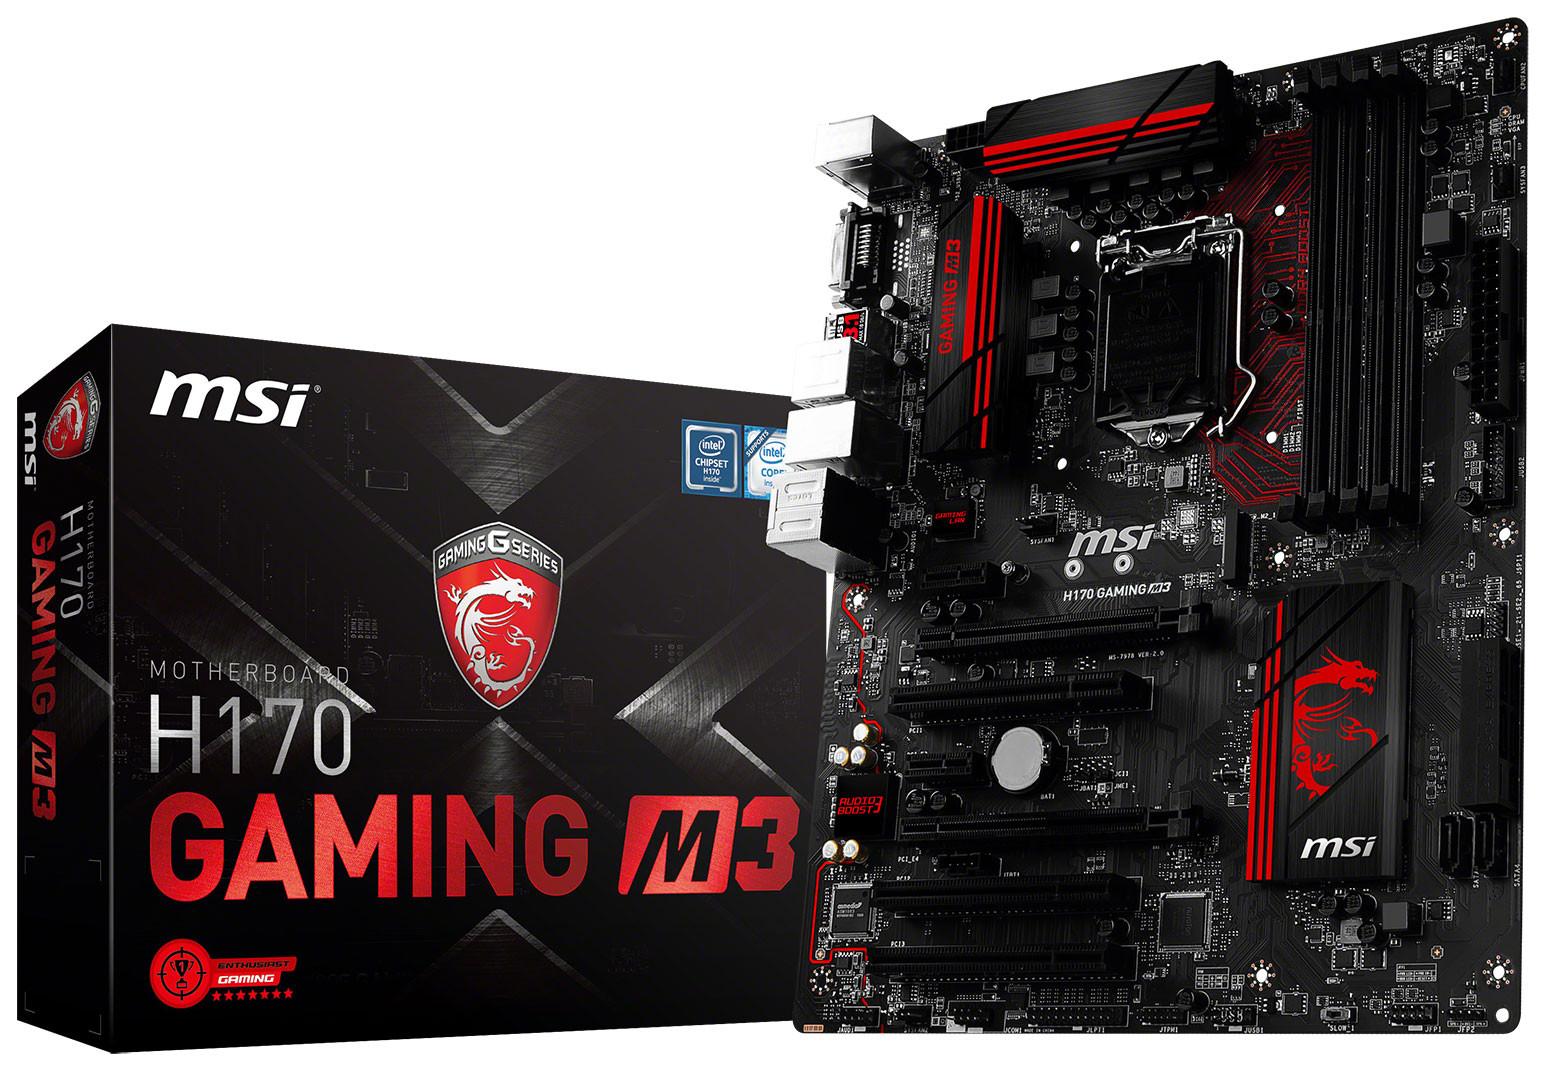 Sửa chữa mainboard MSI H170 Gaming M3 uy tín hà nội